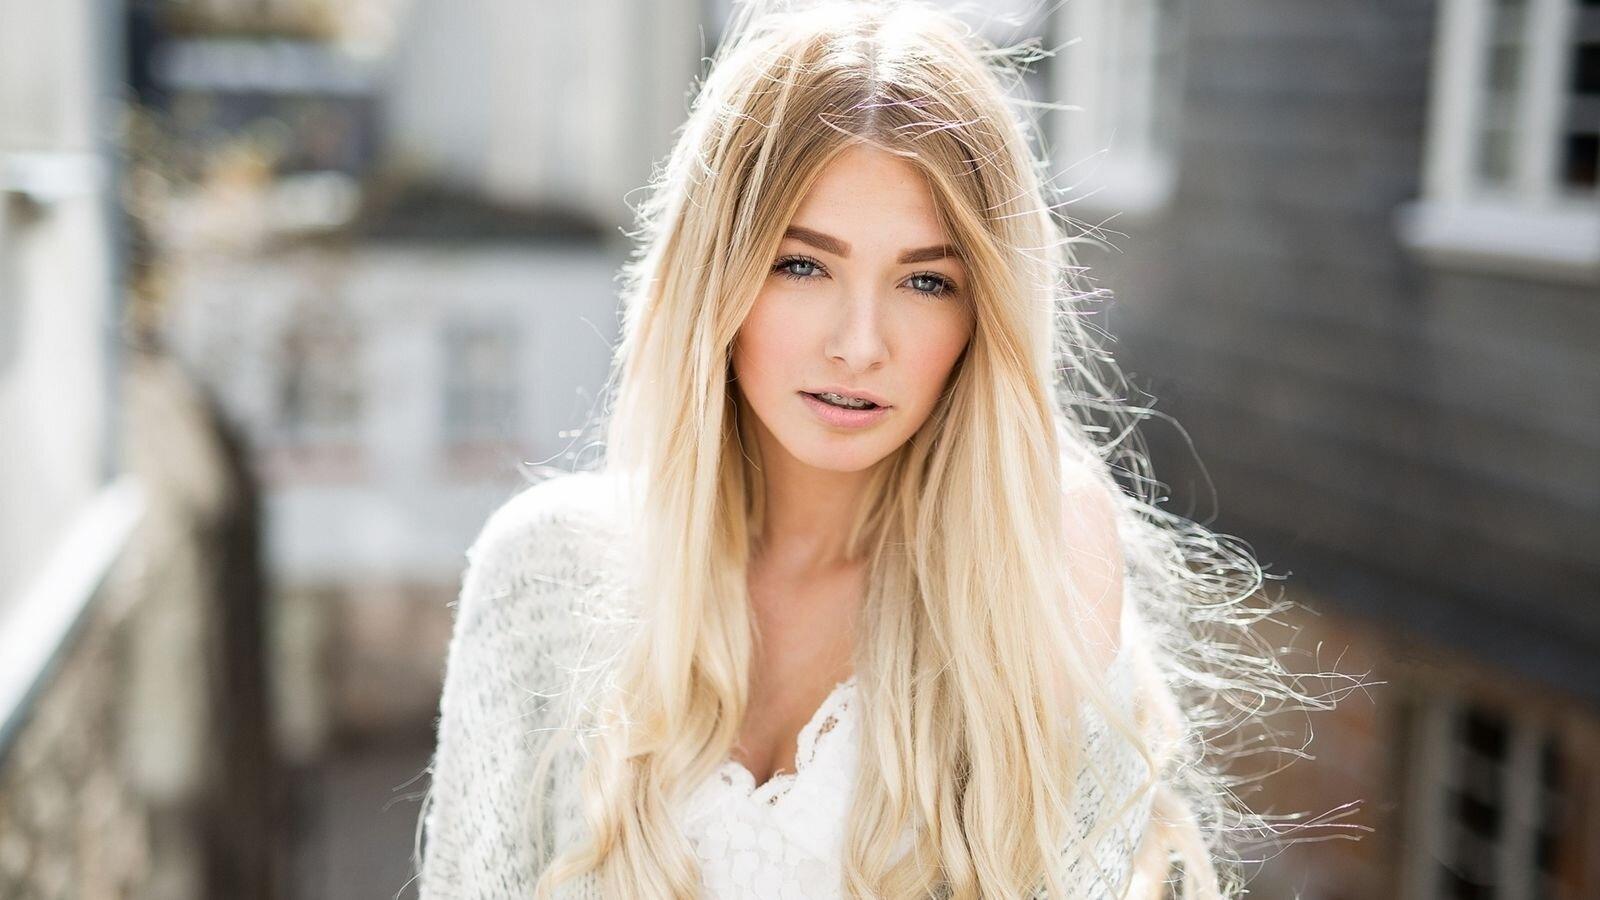 EmilyFaber